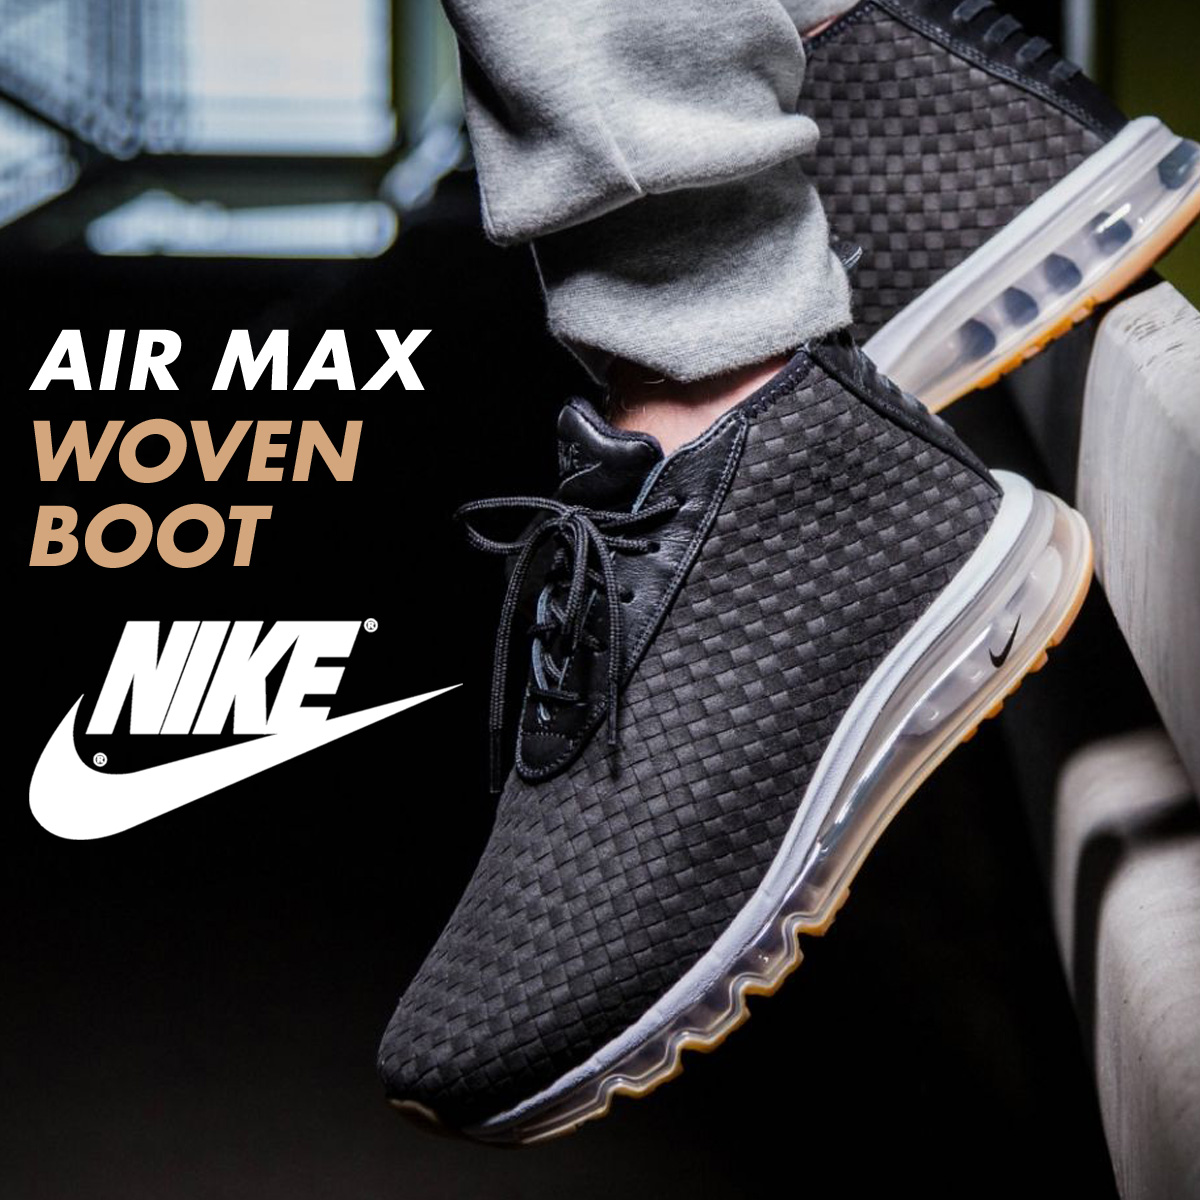 94c02519ed910 ... Nike NIKE Air Max sneakers AIR MAX WOVEN BOOT 921,854-003 men's shoes  black ...